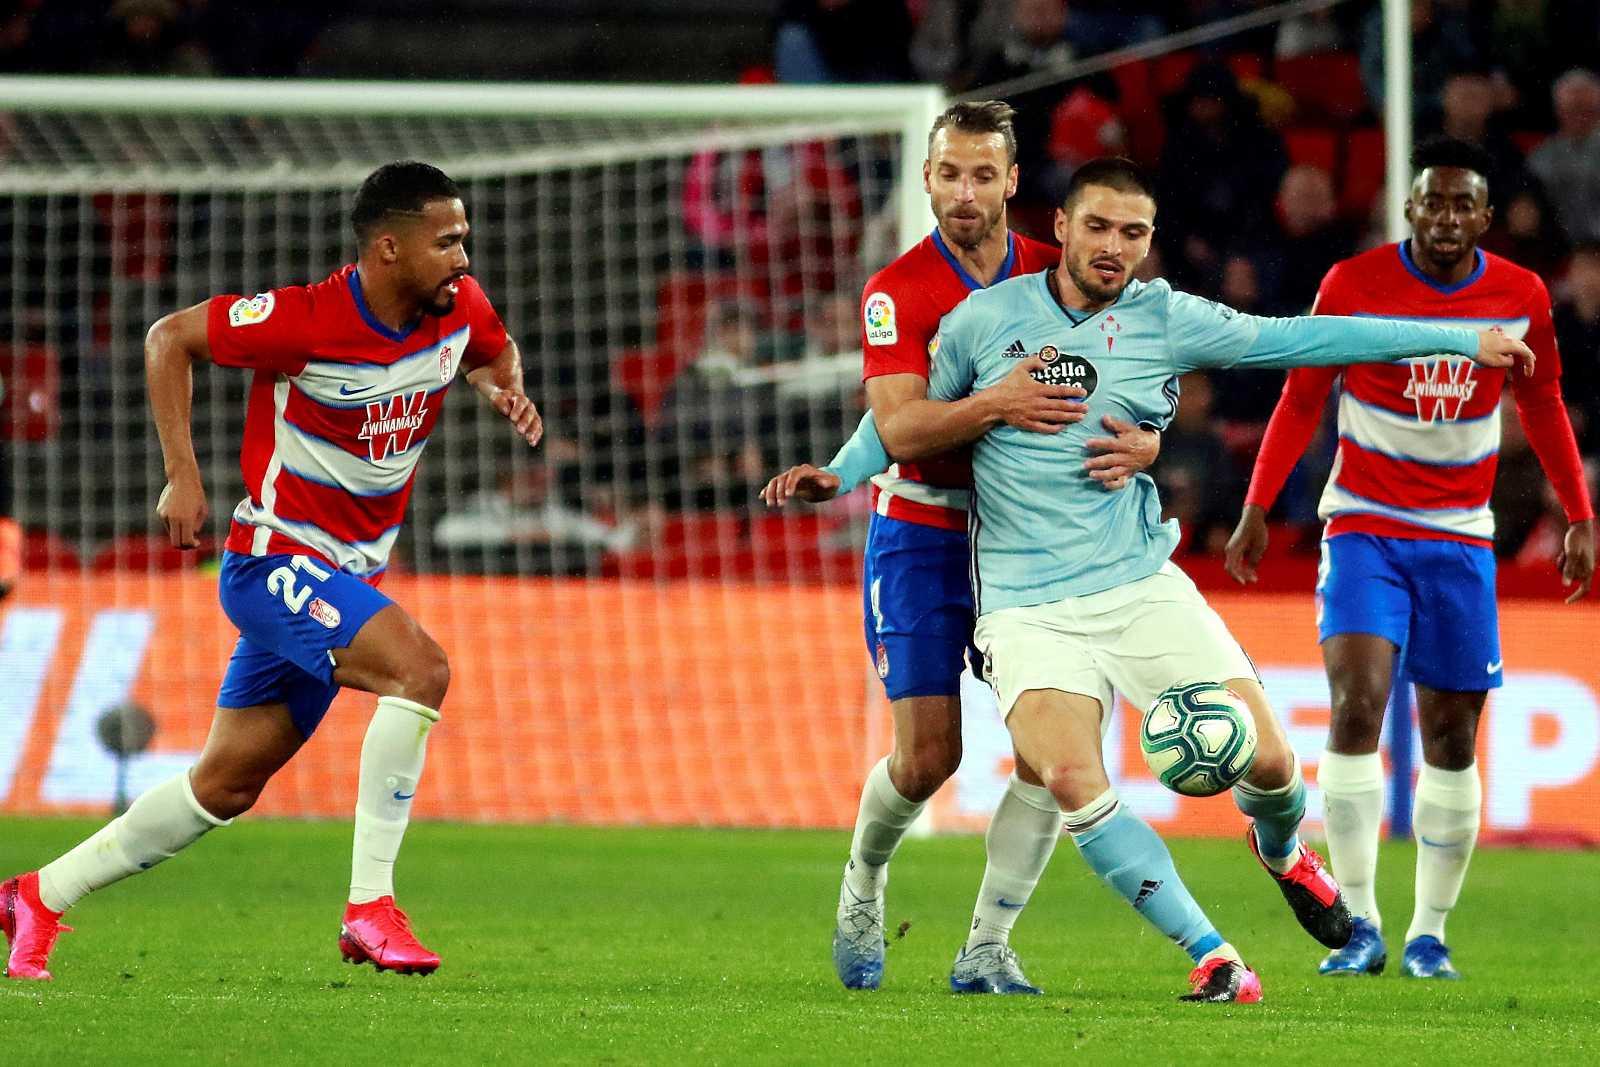 El delantero del Granada CF Roberto Soldado (2i) lucha con el turco Okay Yokuslu (2d), del Celta de Vigo, durante el partido